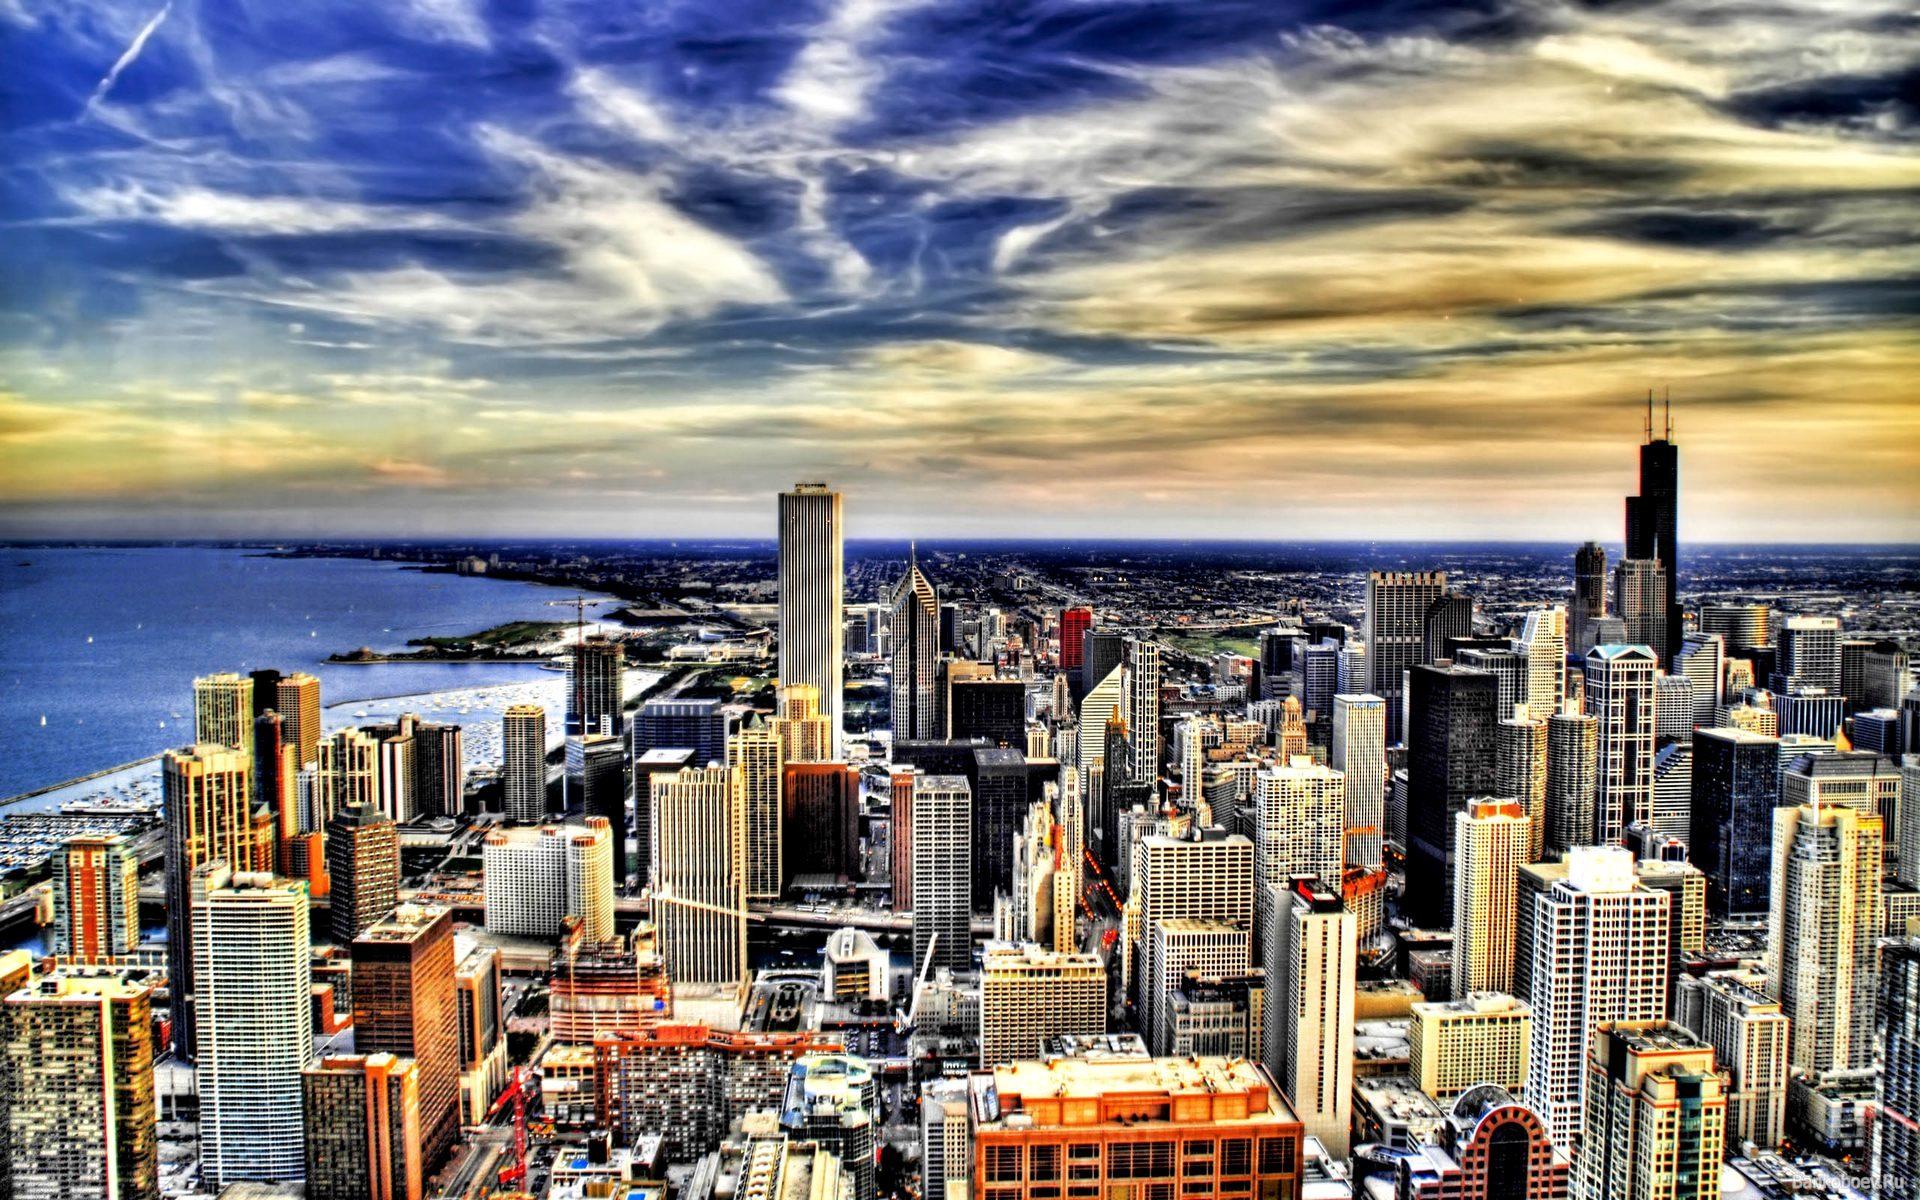 фотографии городов большого разрешения